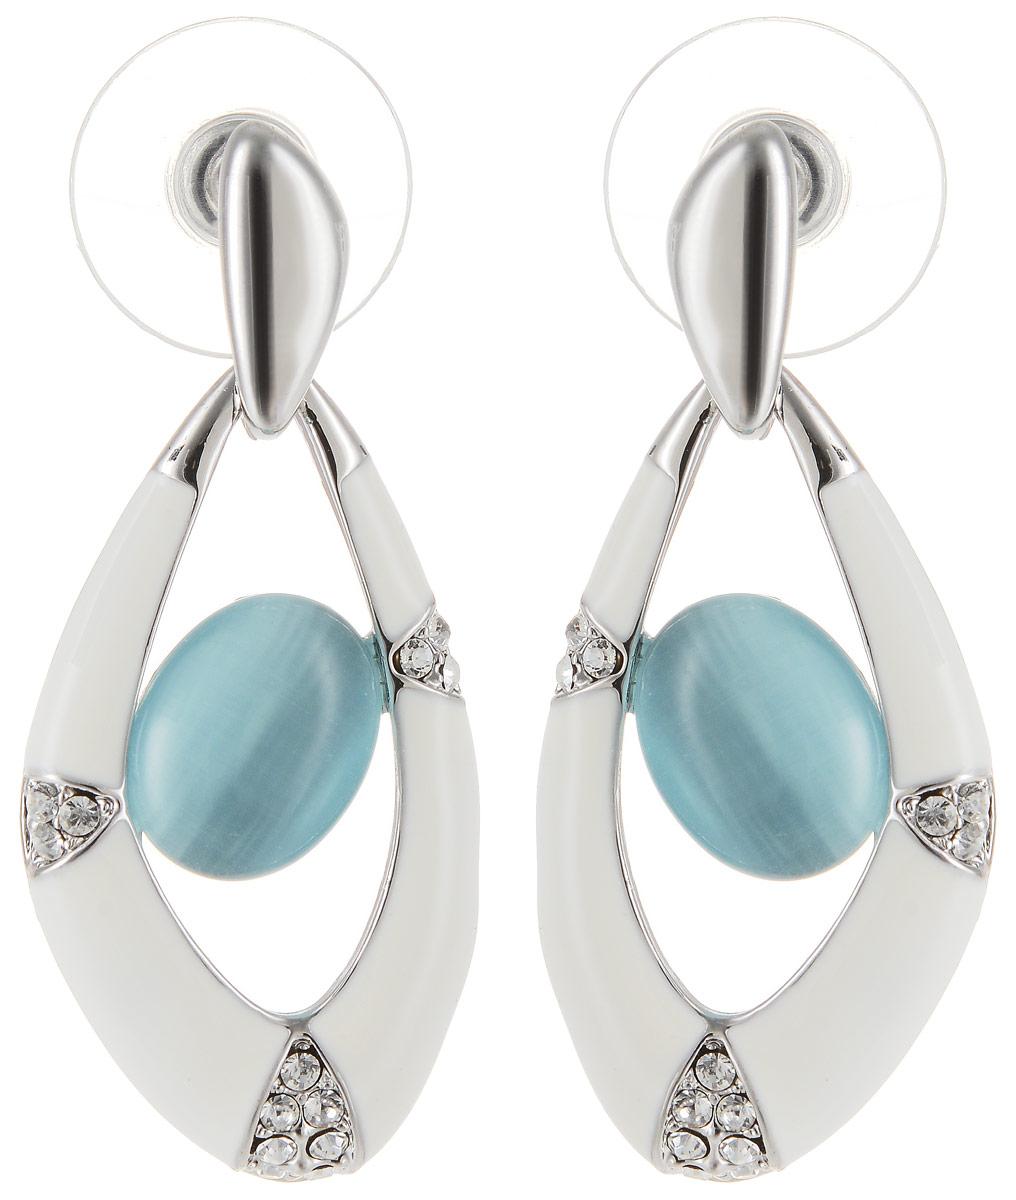 Серьги Art-Silver, цвет: белый. 0669930-8790669930-879Бижутерный сплав, кош.глаз, куб.циркон, эмаль.